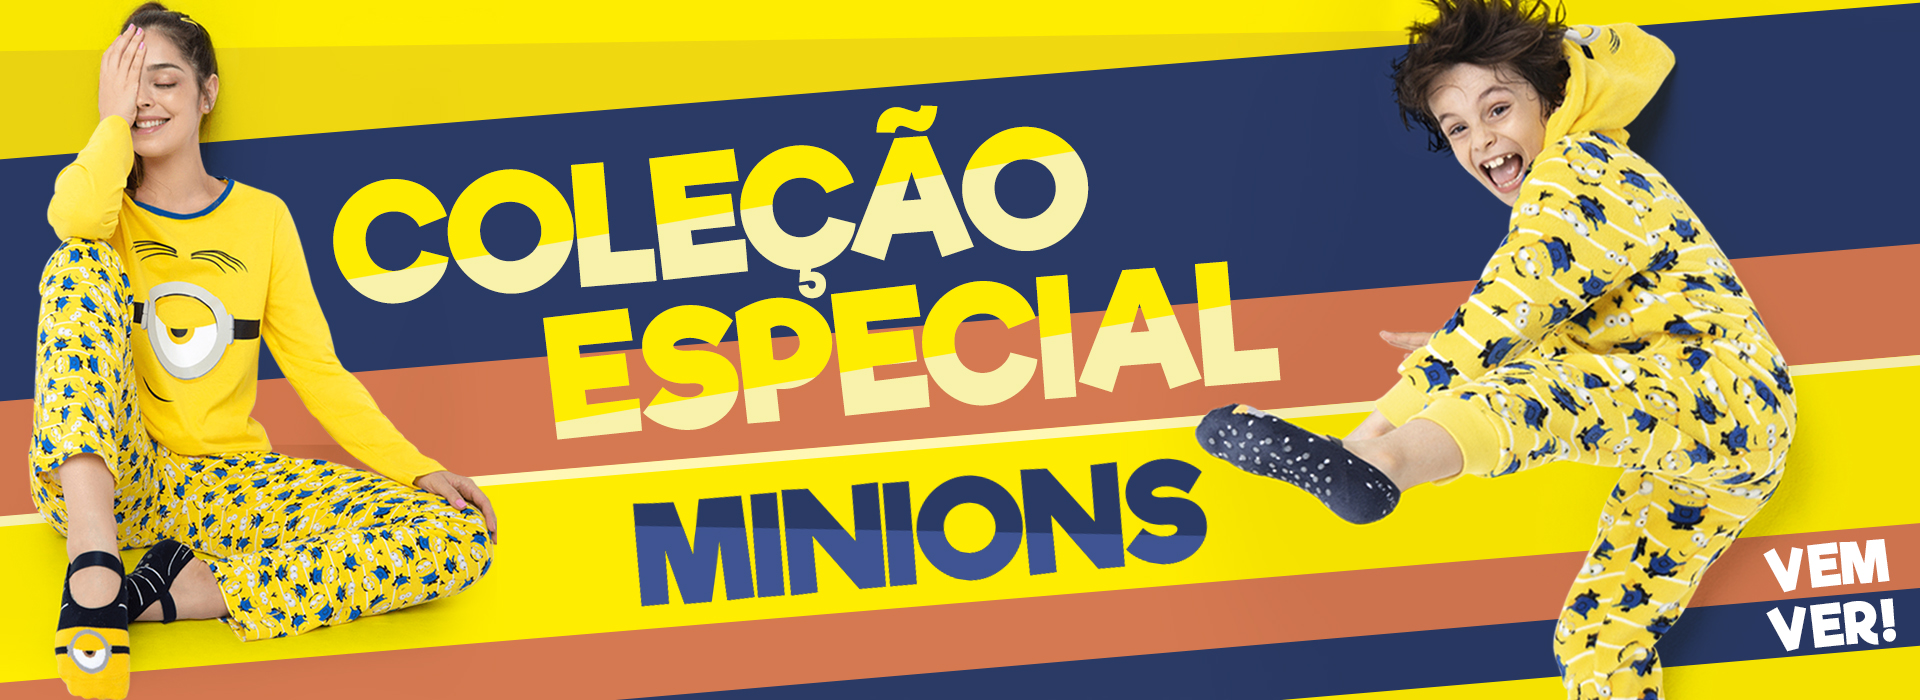 Banner D: Coleção especial Minions